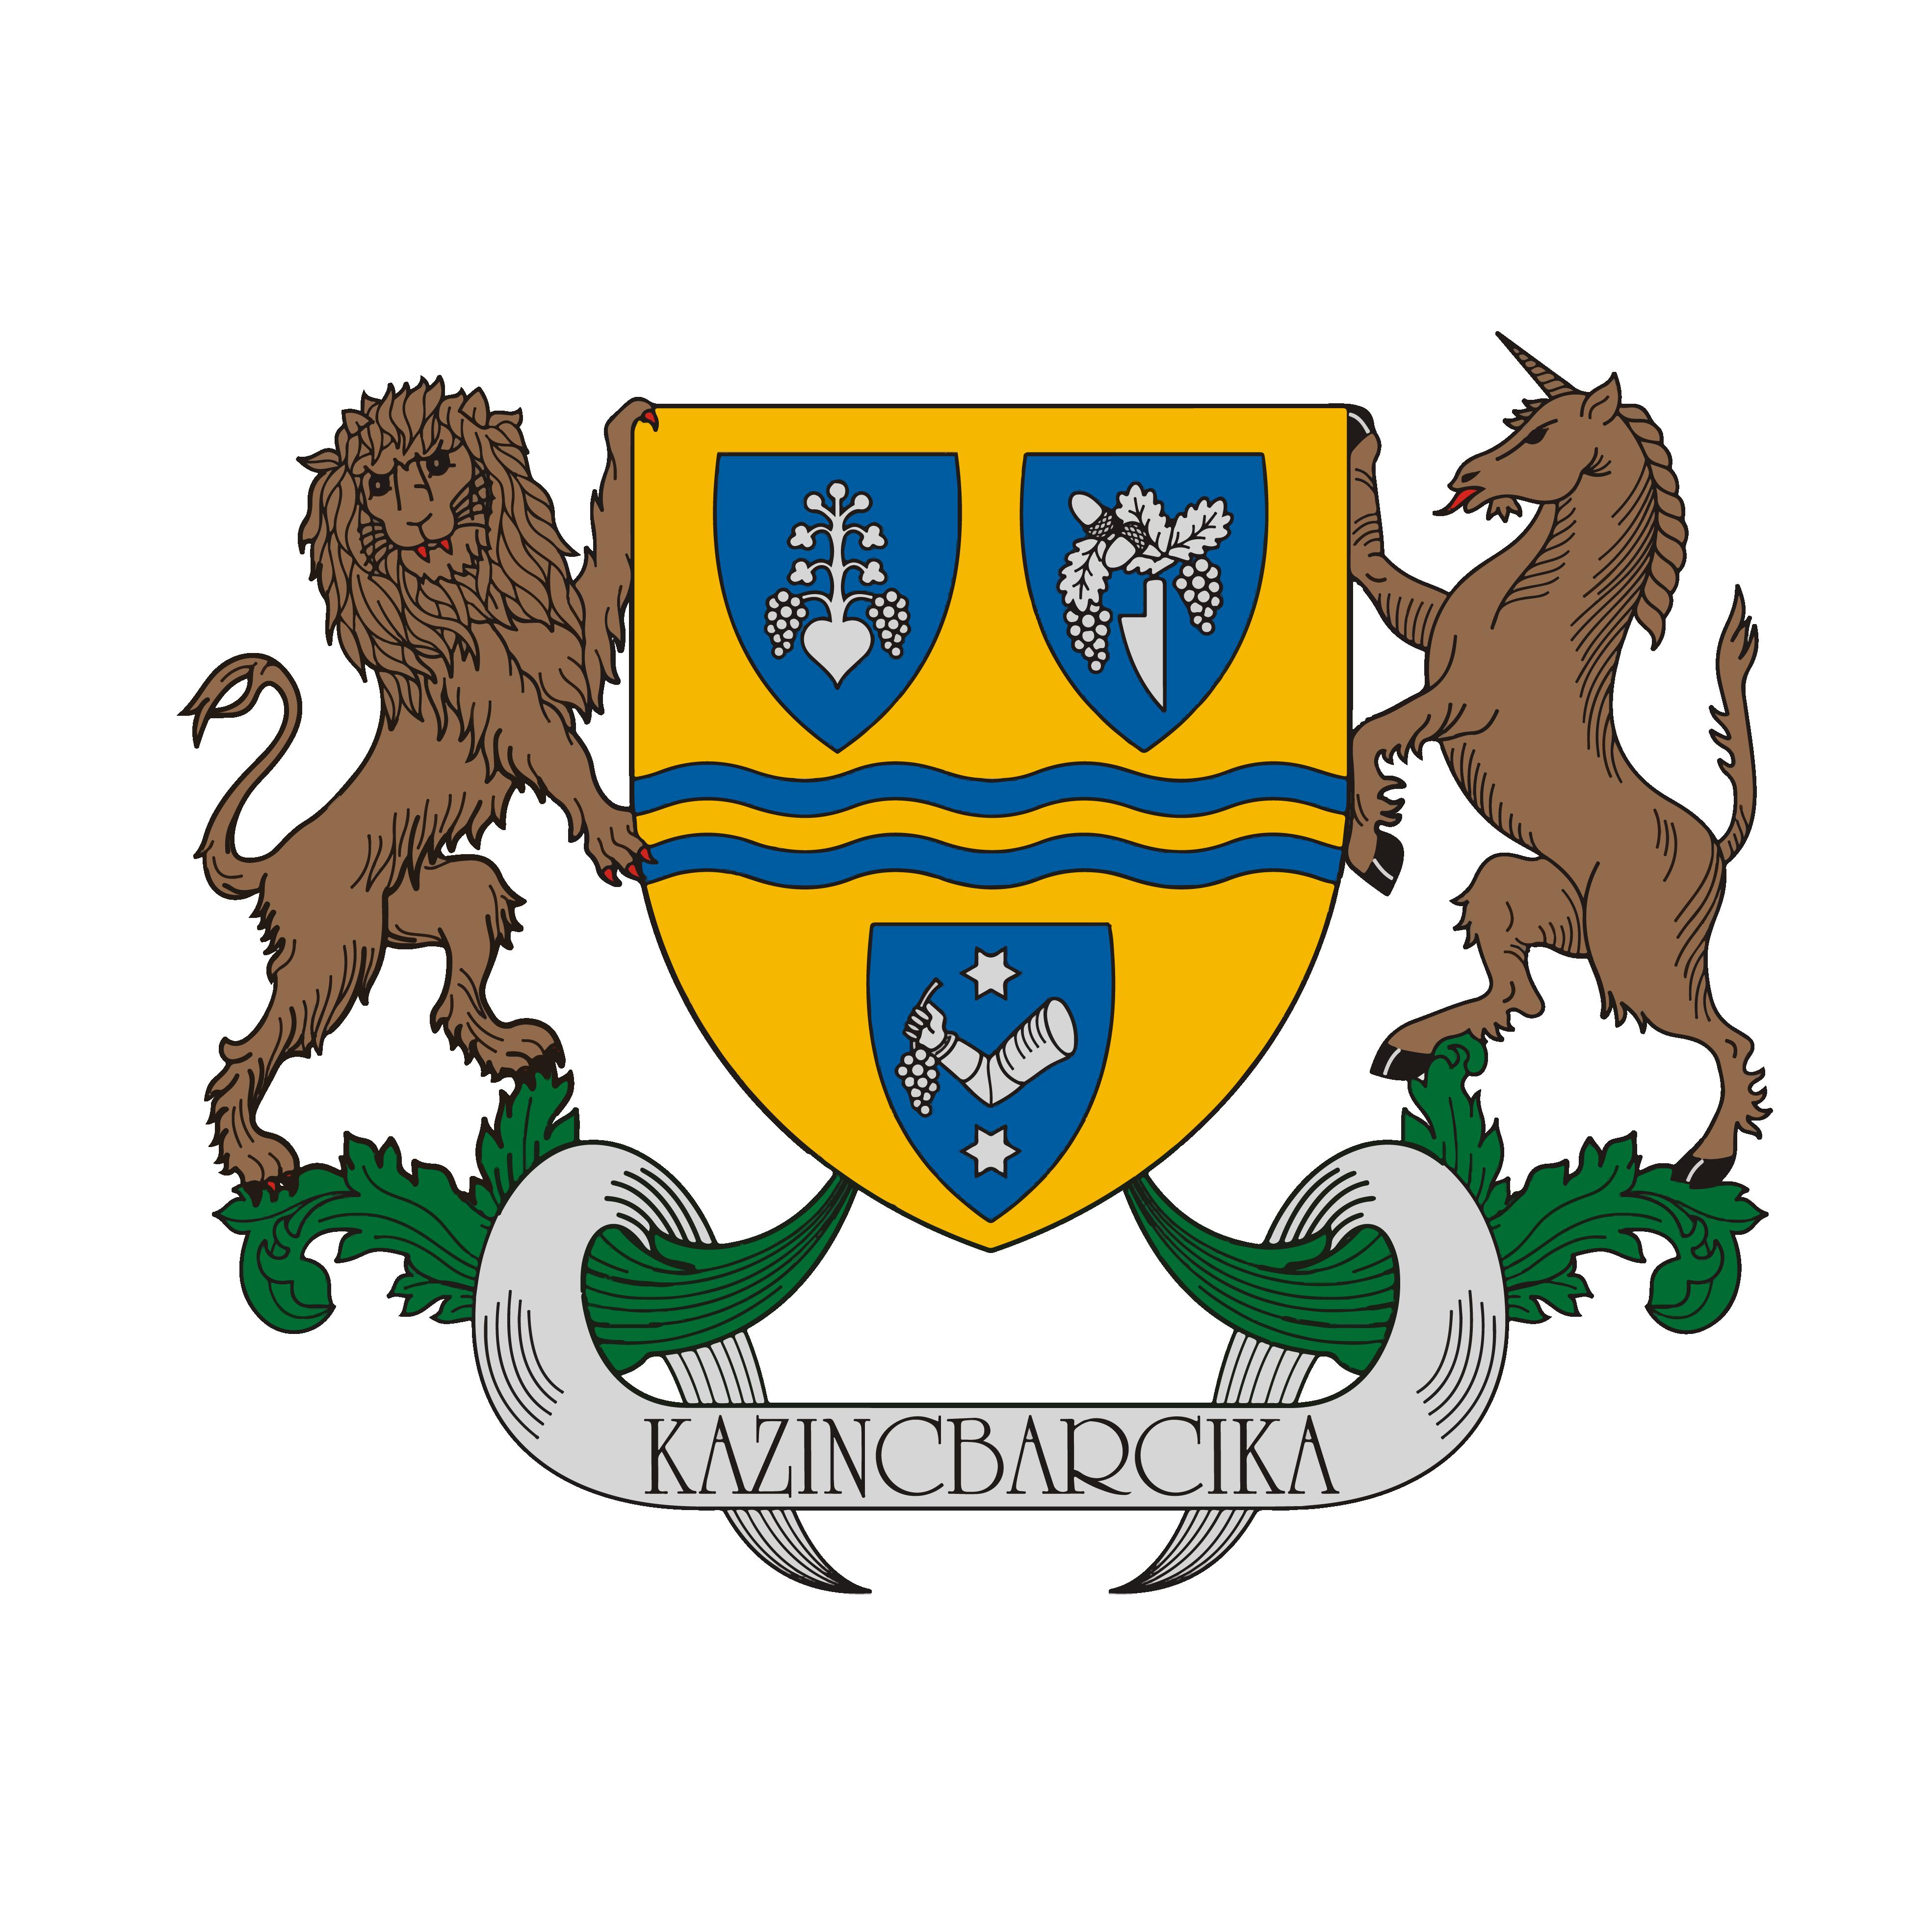 Kazincbarcika Önkormányzata